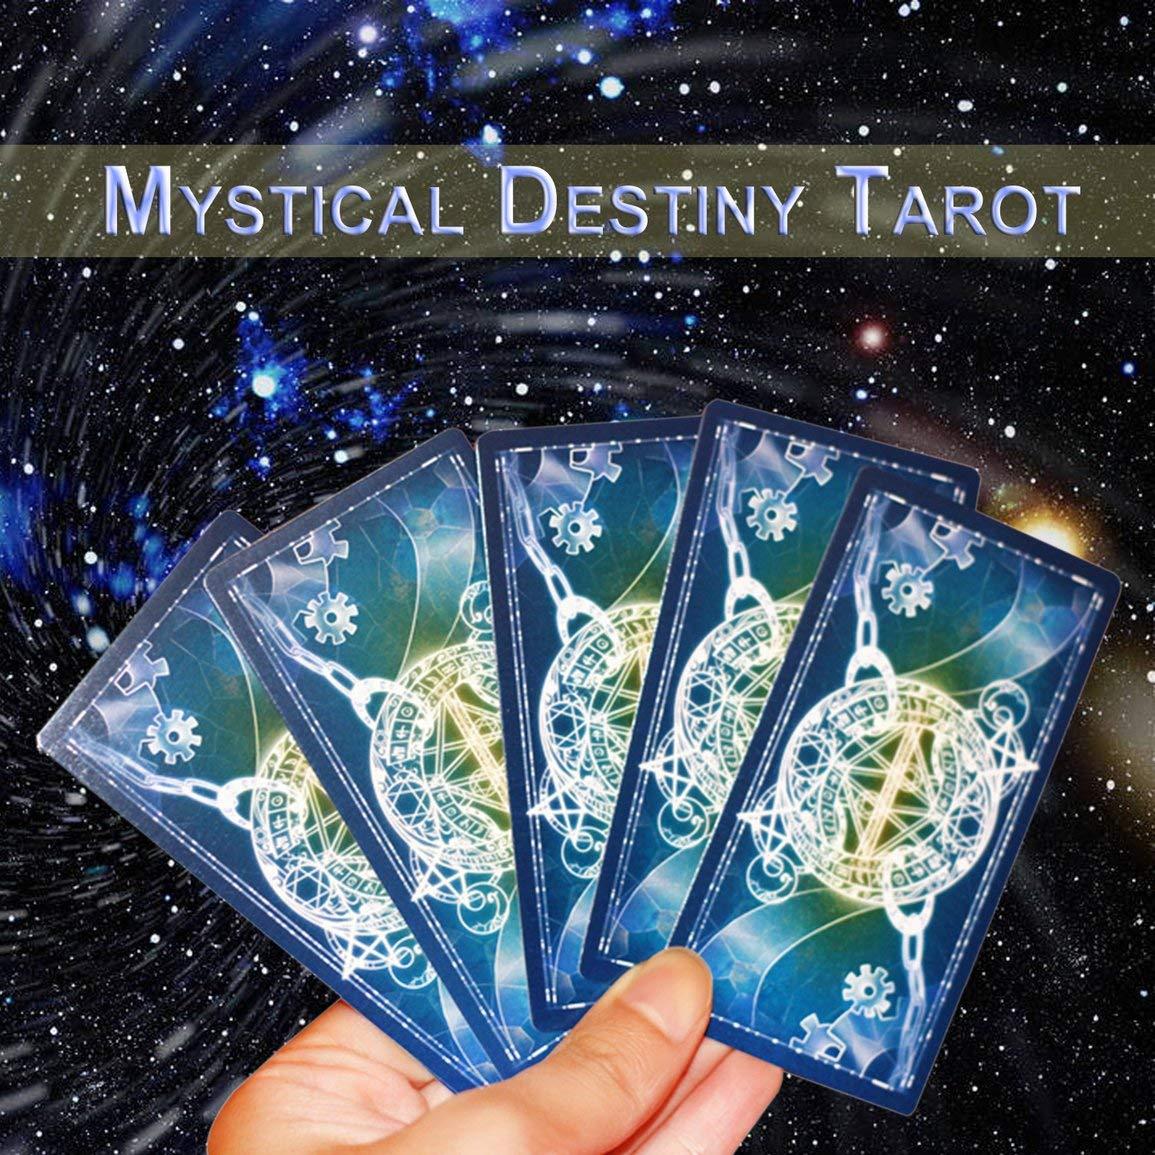 Fantasyworld Disegno Divertente Portatile Tarocchi Gioco di Famiglia di Amici Spettacolo Leggi Mythic Fate Divinazione Tabella Giochi Carte